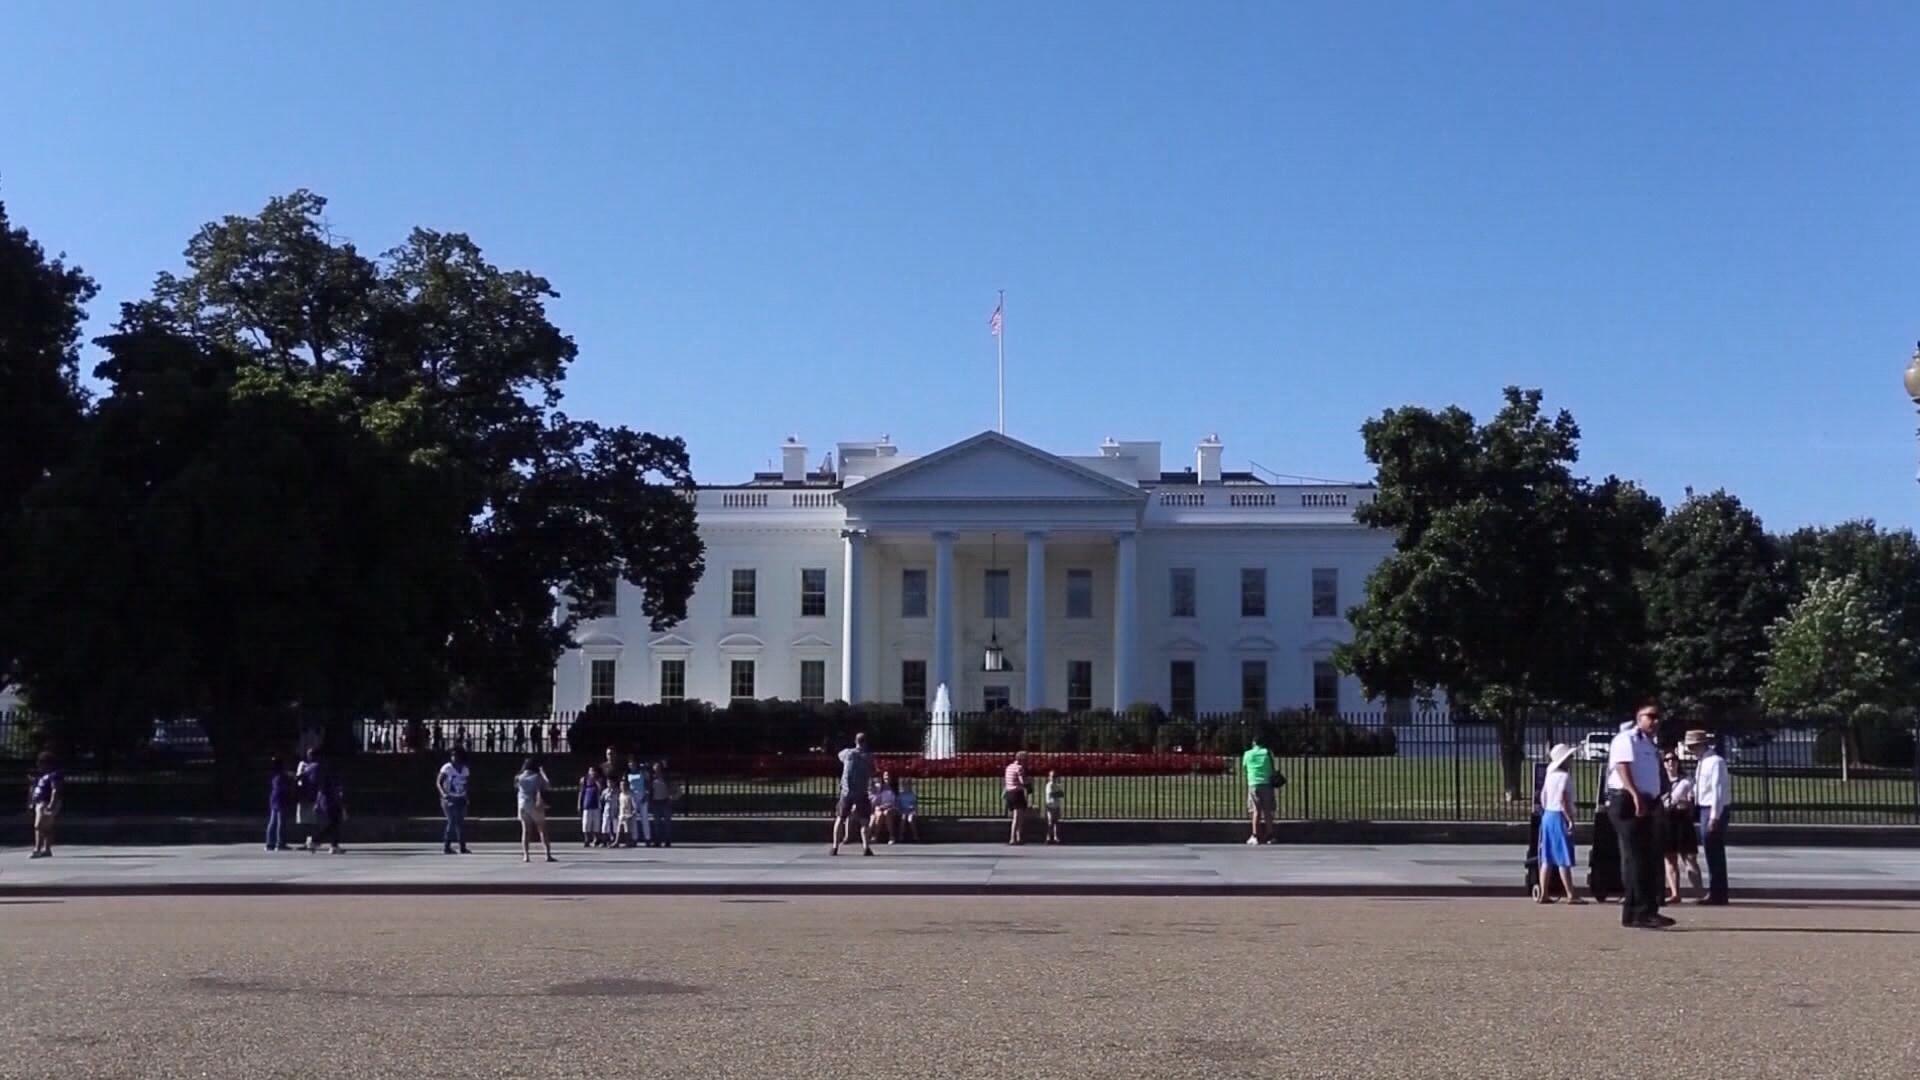 【中美貿戰】傳白宮無意讓商界申請關稅豁免